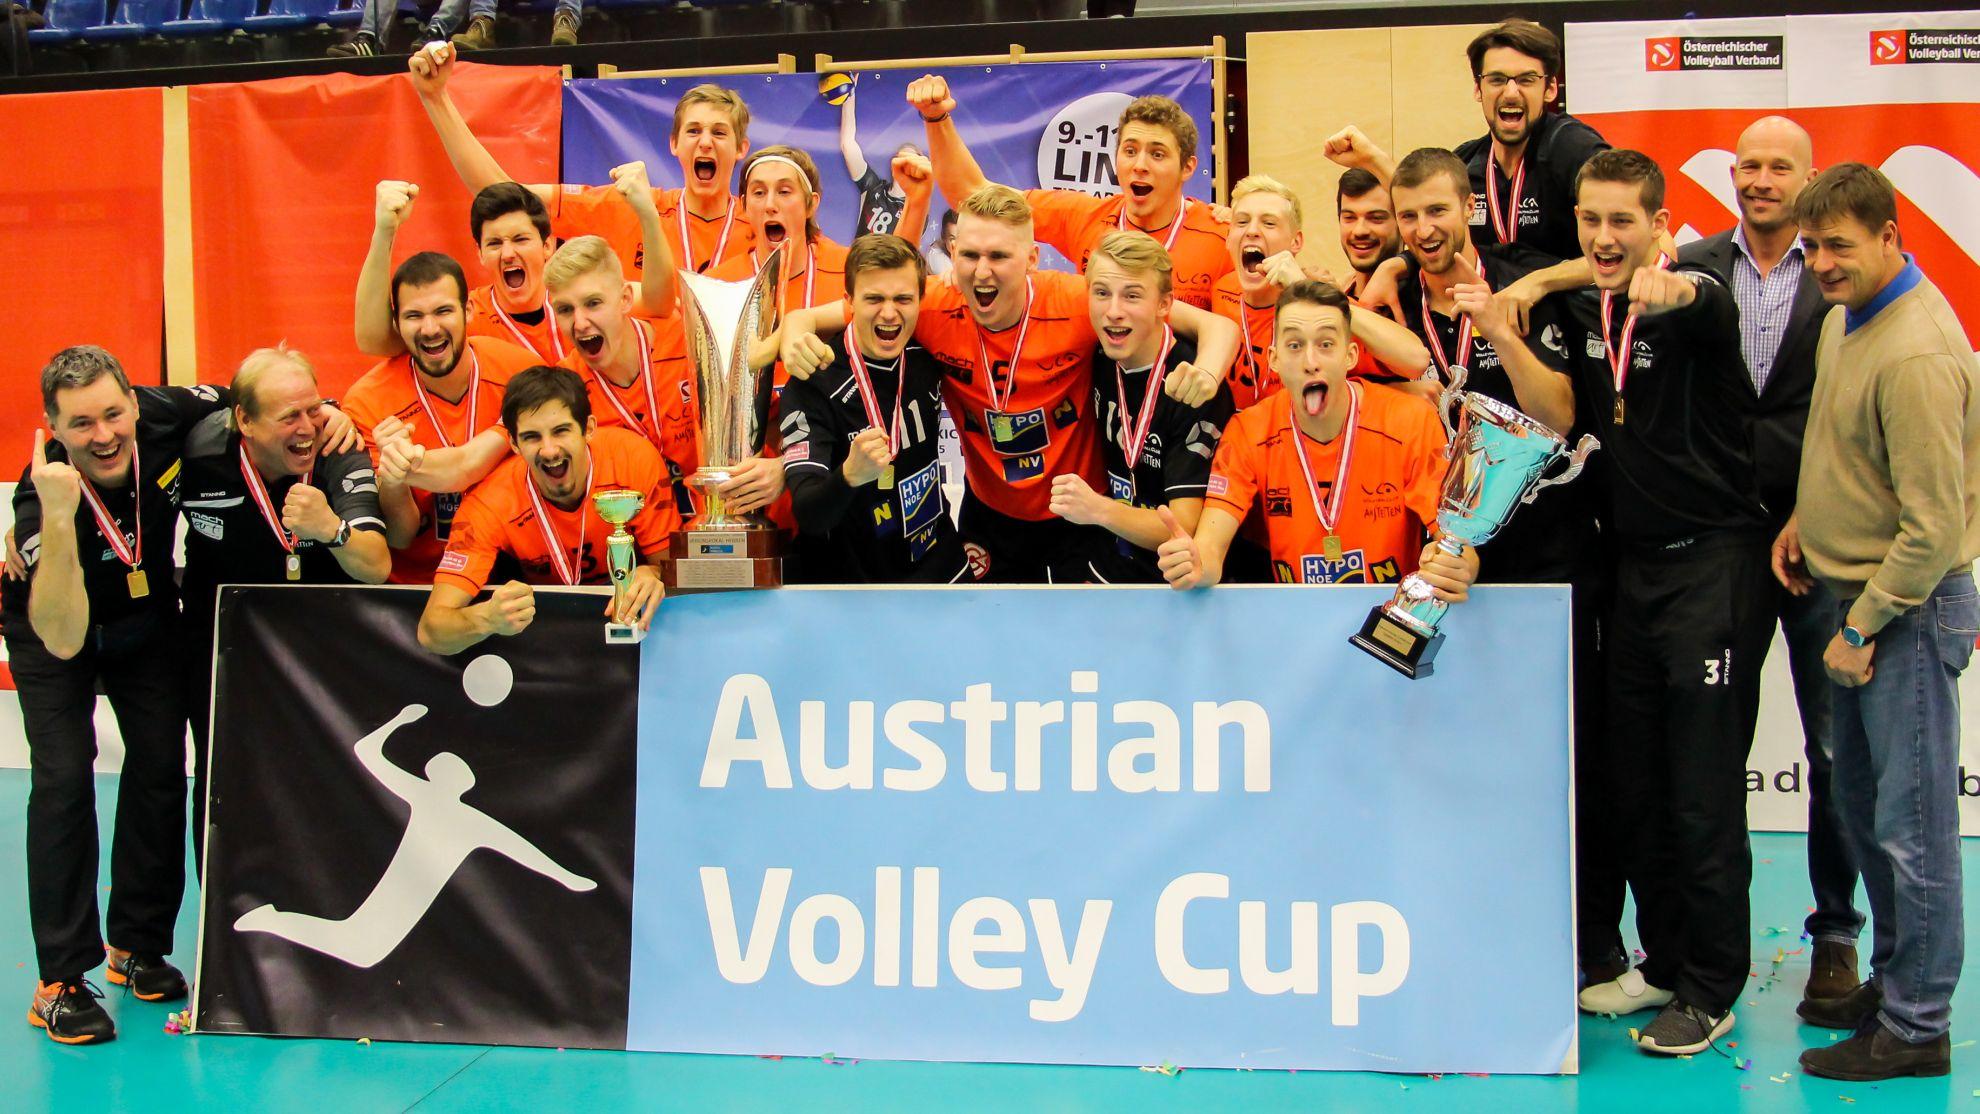 Austrian Volley Cup-Sieger 2017 SG VCA SG VCA Amstetten NÖ/hotVolleys © Peter Maurer